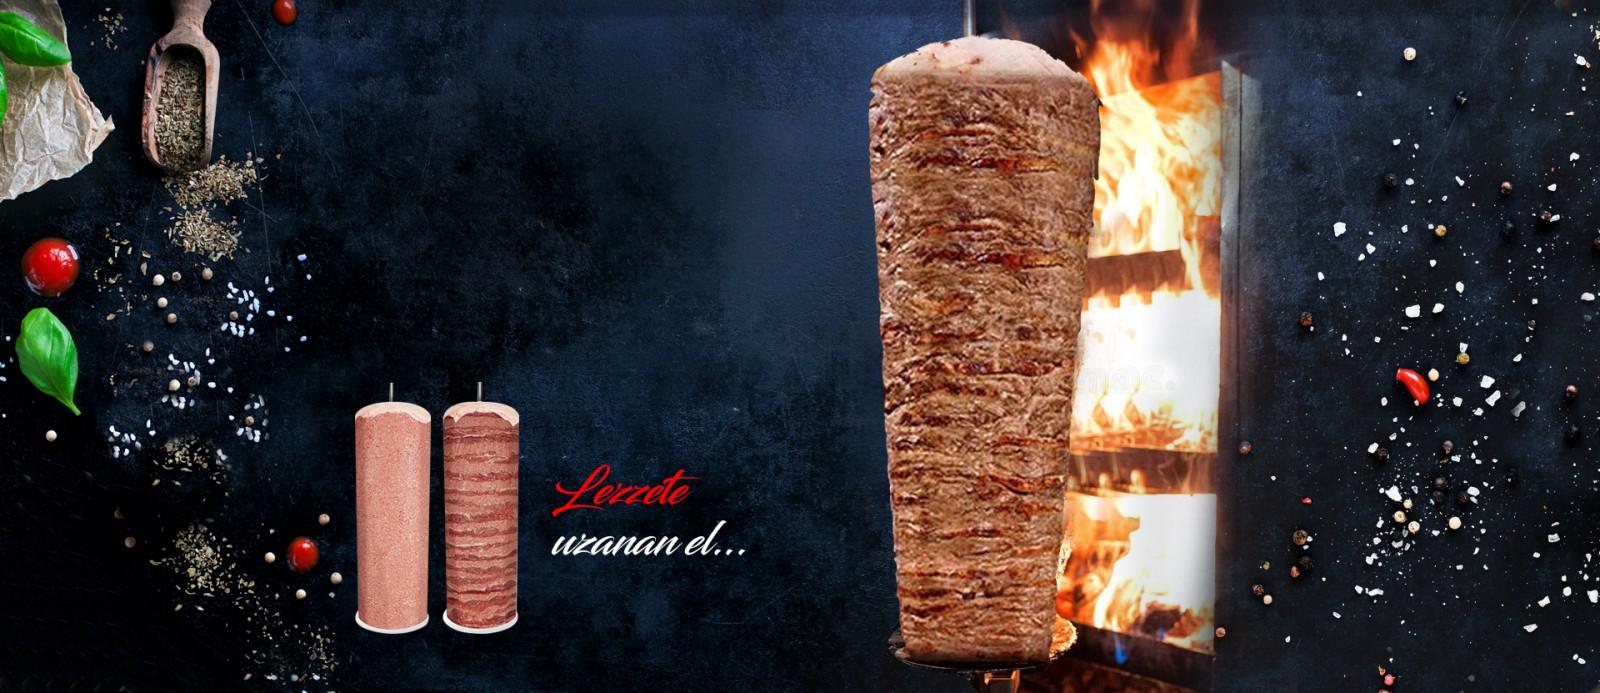 Efet Olarak Sakarya'da usta ellerle hazırlanan baton döner özel soslarıyla üstün lezzeti sizlere sunuyor.